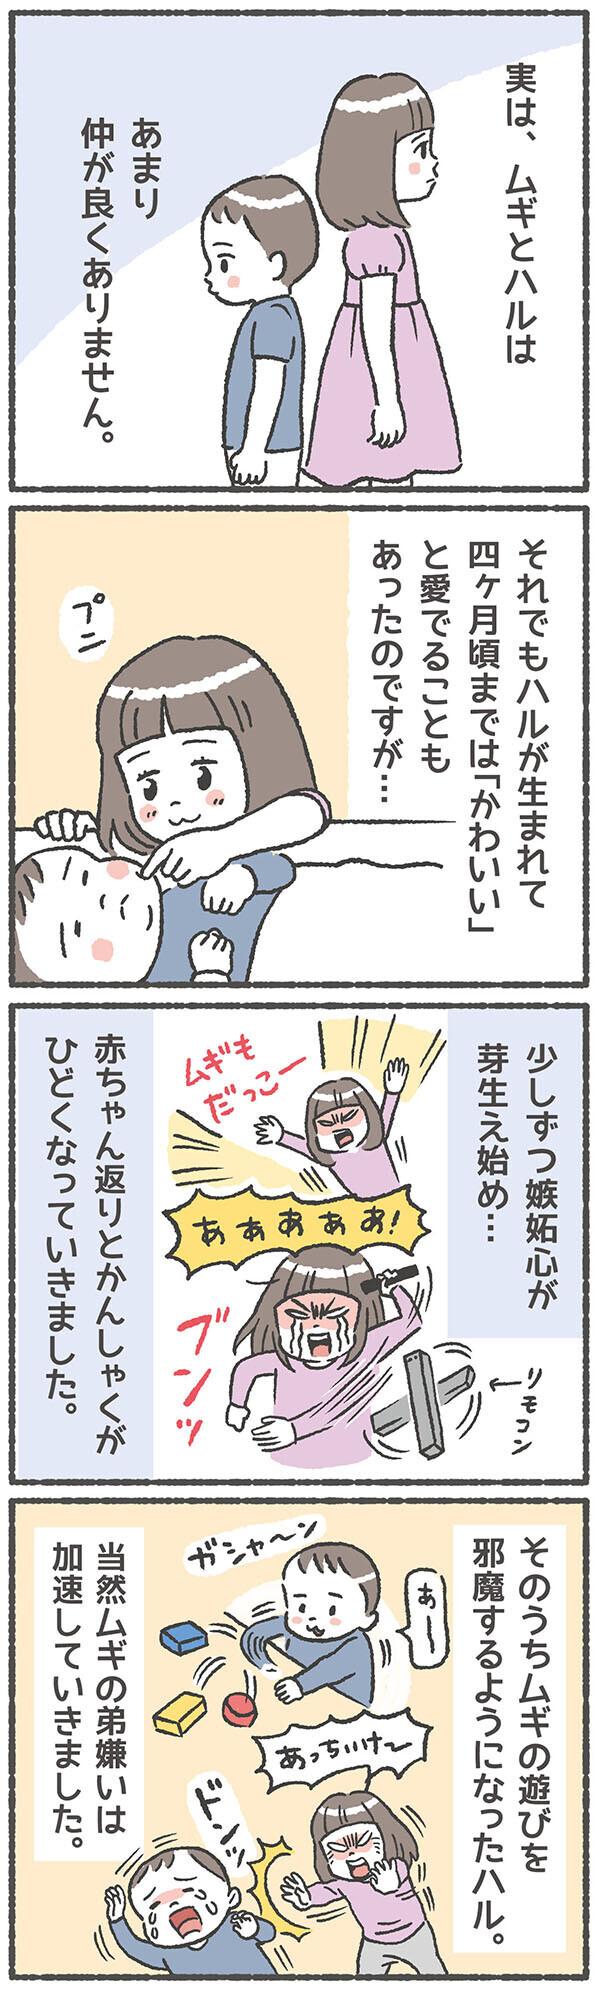 「笑いに変えて乗り切る!(願望) オタク母の育児日記」コイズミチアキ